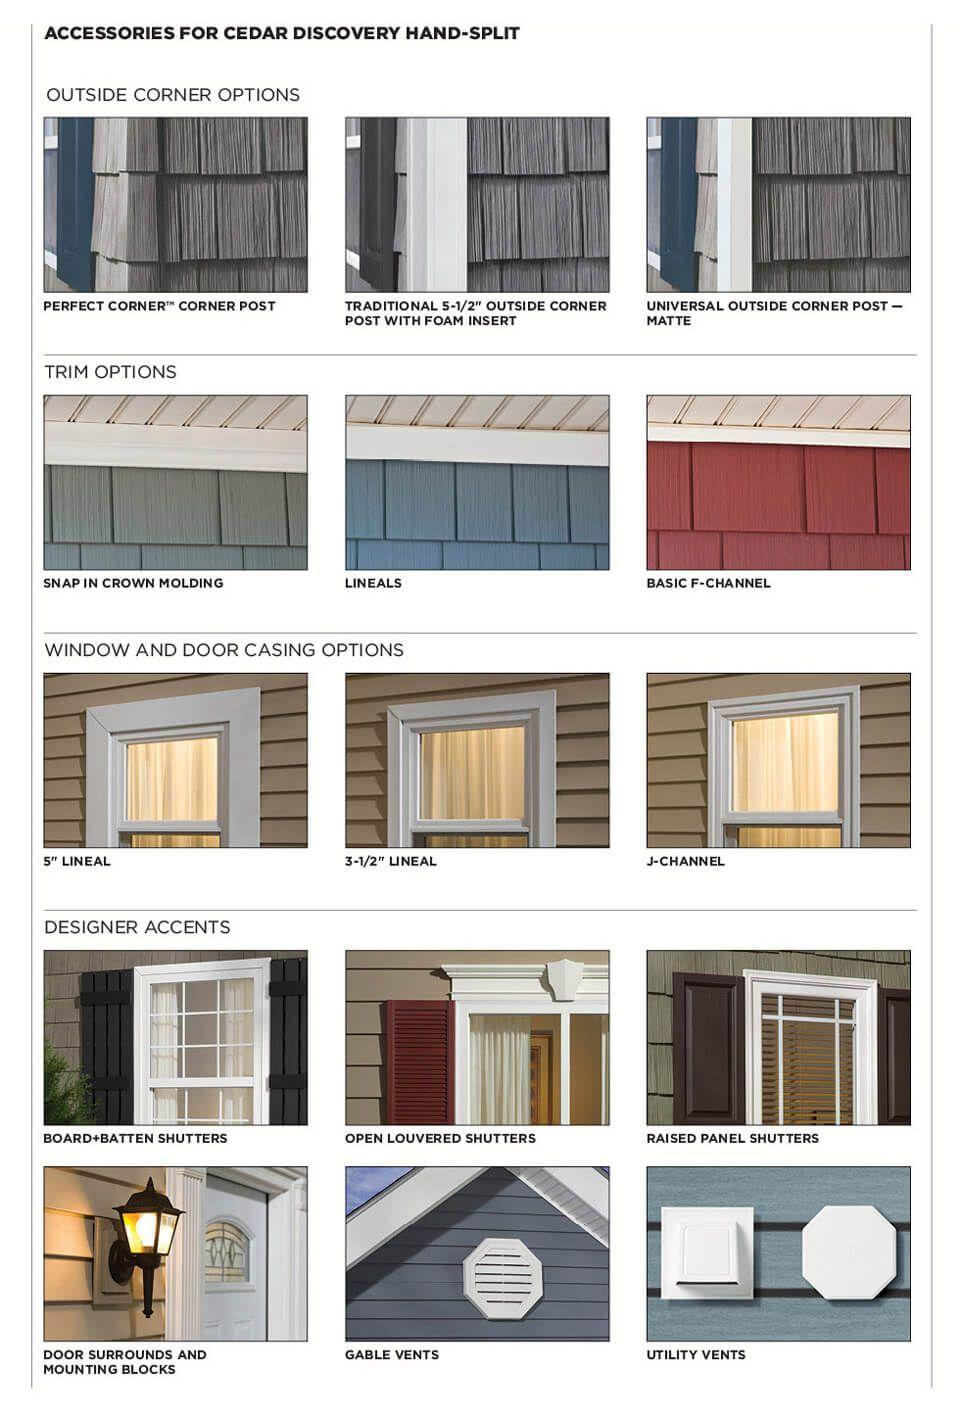 Cedar Discovery Shingle Siding Exterior House Colors Vertical Vinyl Siding